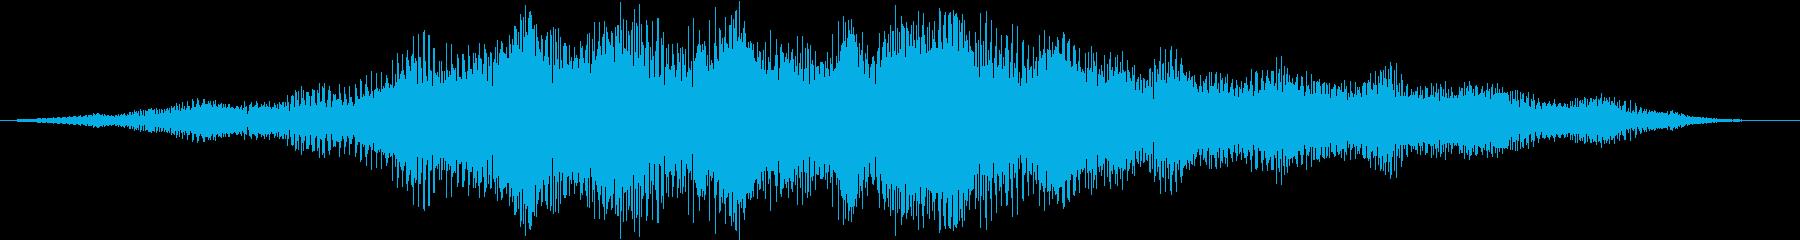 【ホラー】 不気味なタイトルロゴの再生済みの波形